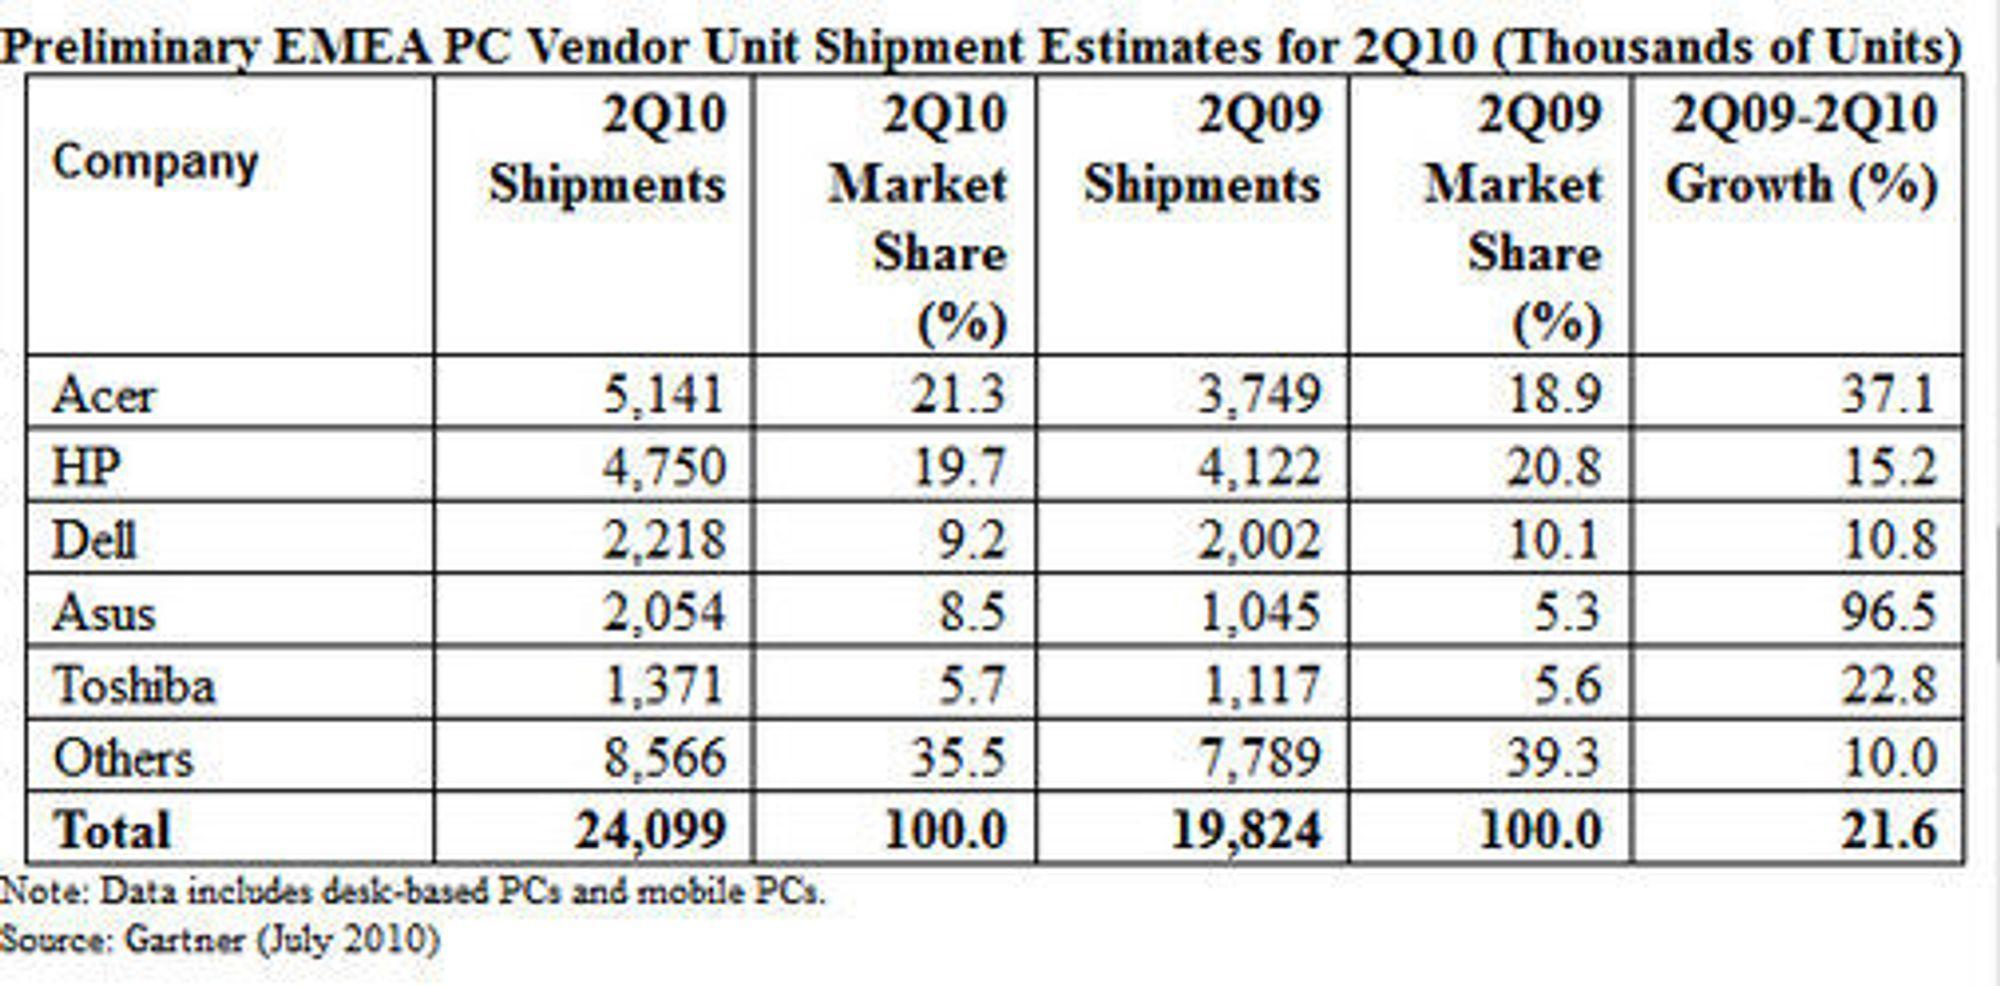 PC-markedet i EMEA i andre kvartal av 2010 ifølge Gartner.